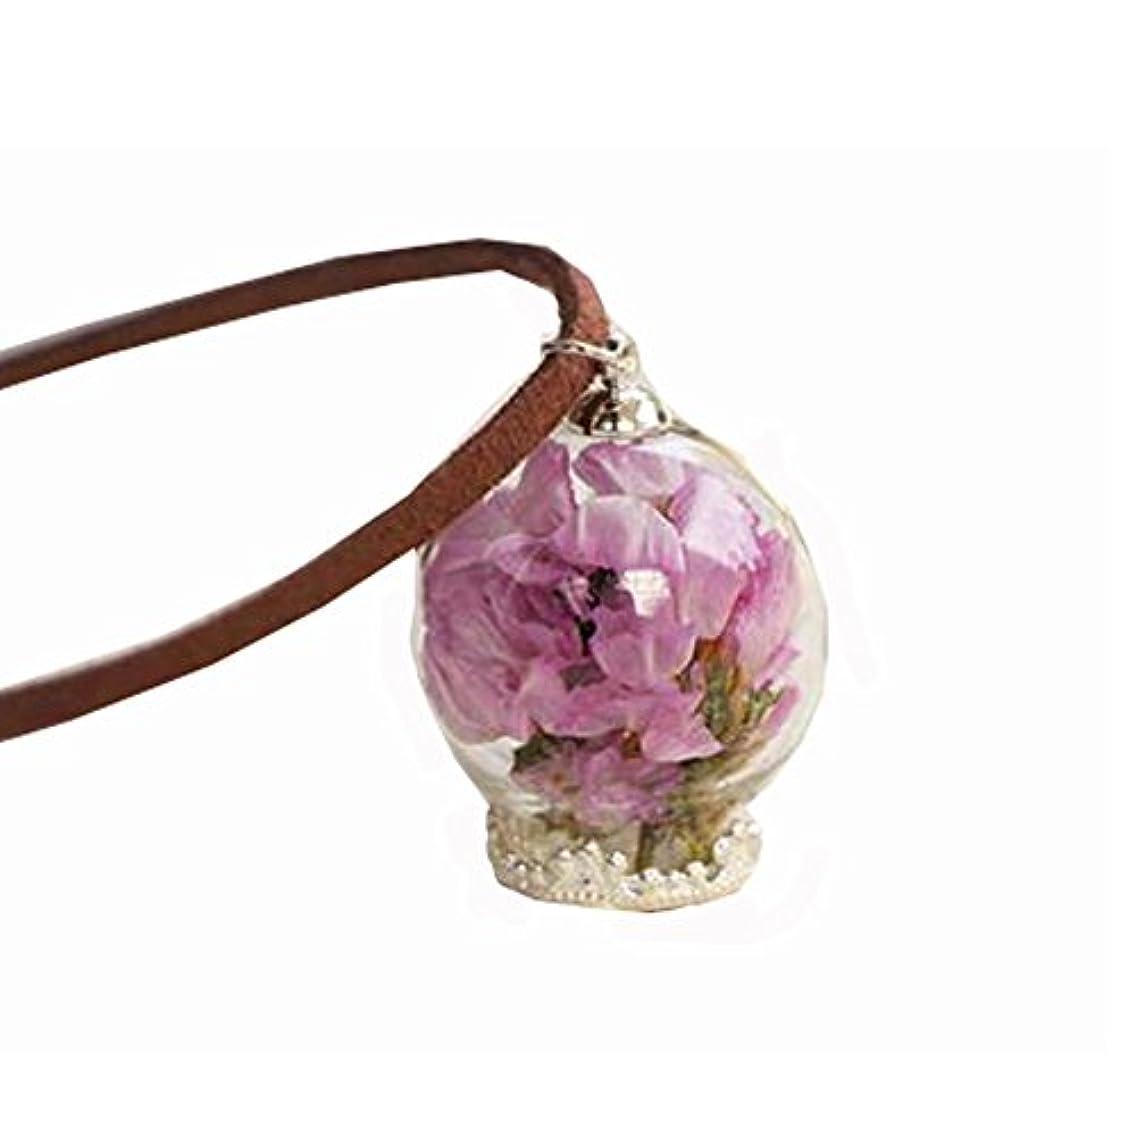 ウガンダメモカビ美しい乾燥した花のペンダントネックレスセーターの装飾品のセットナイスギフト